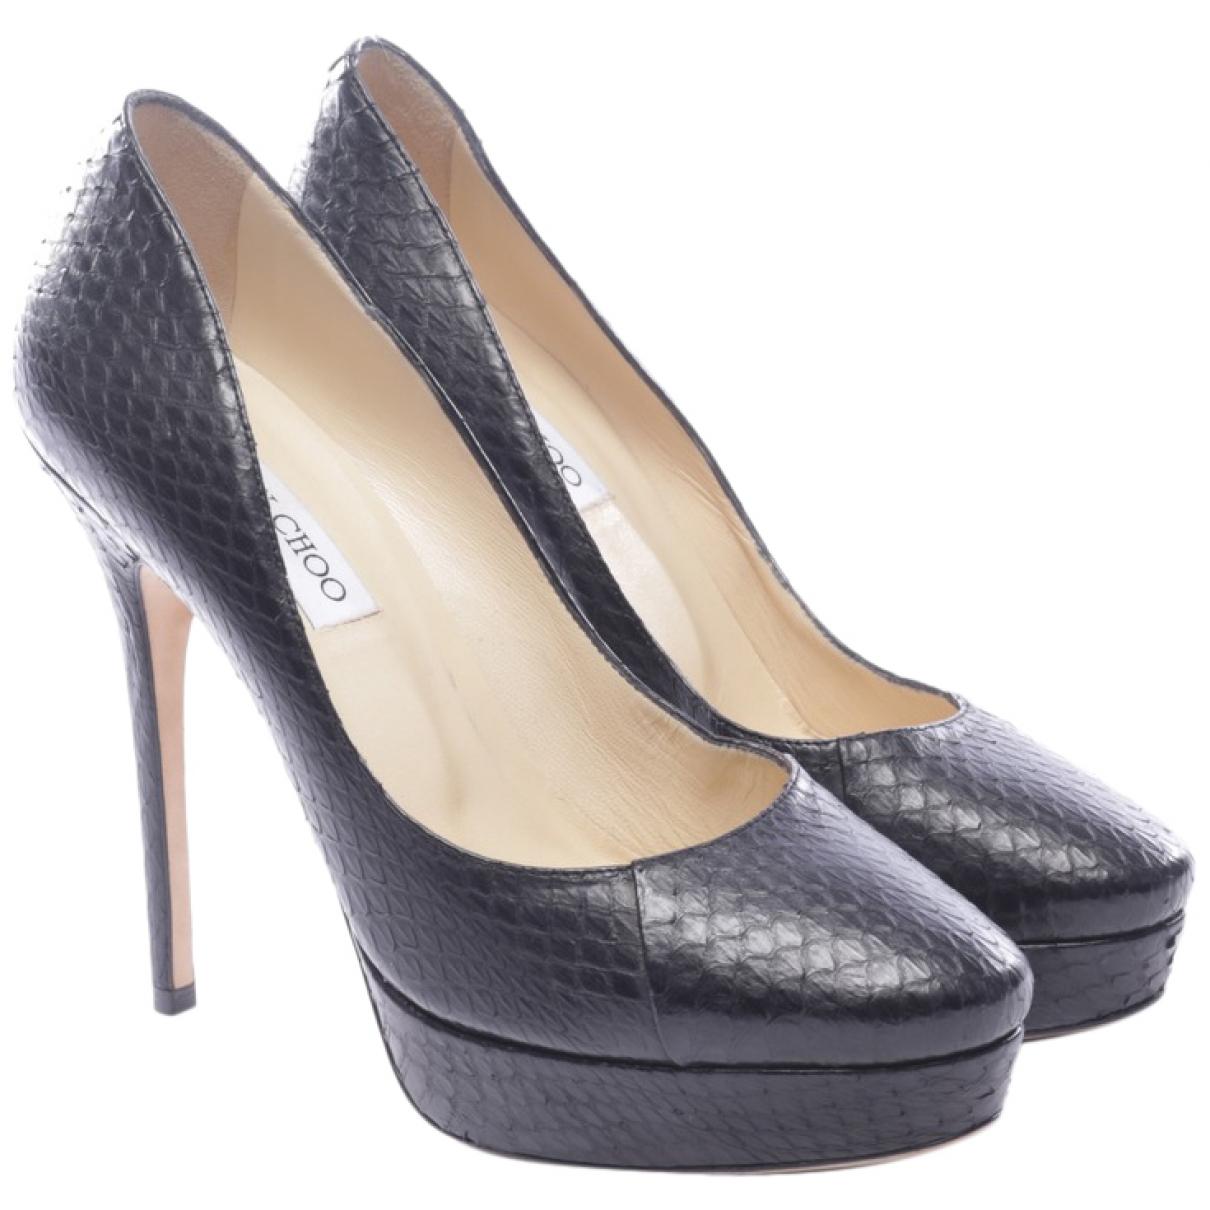 Jimmy Choo \N Black Leather Heels for Women 40 EU